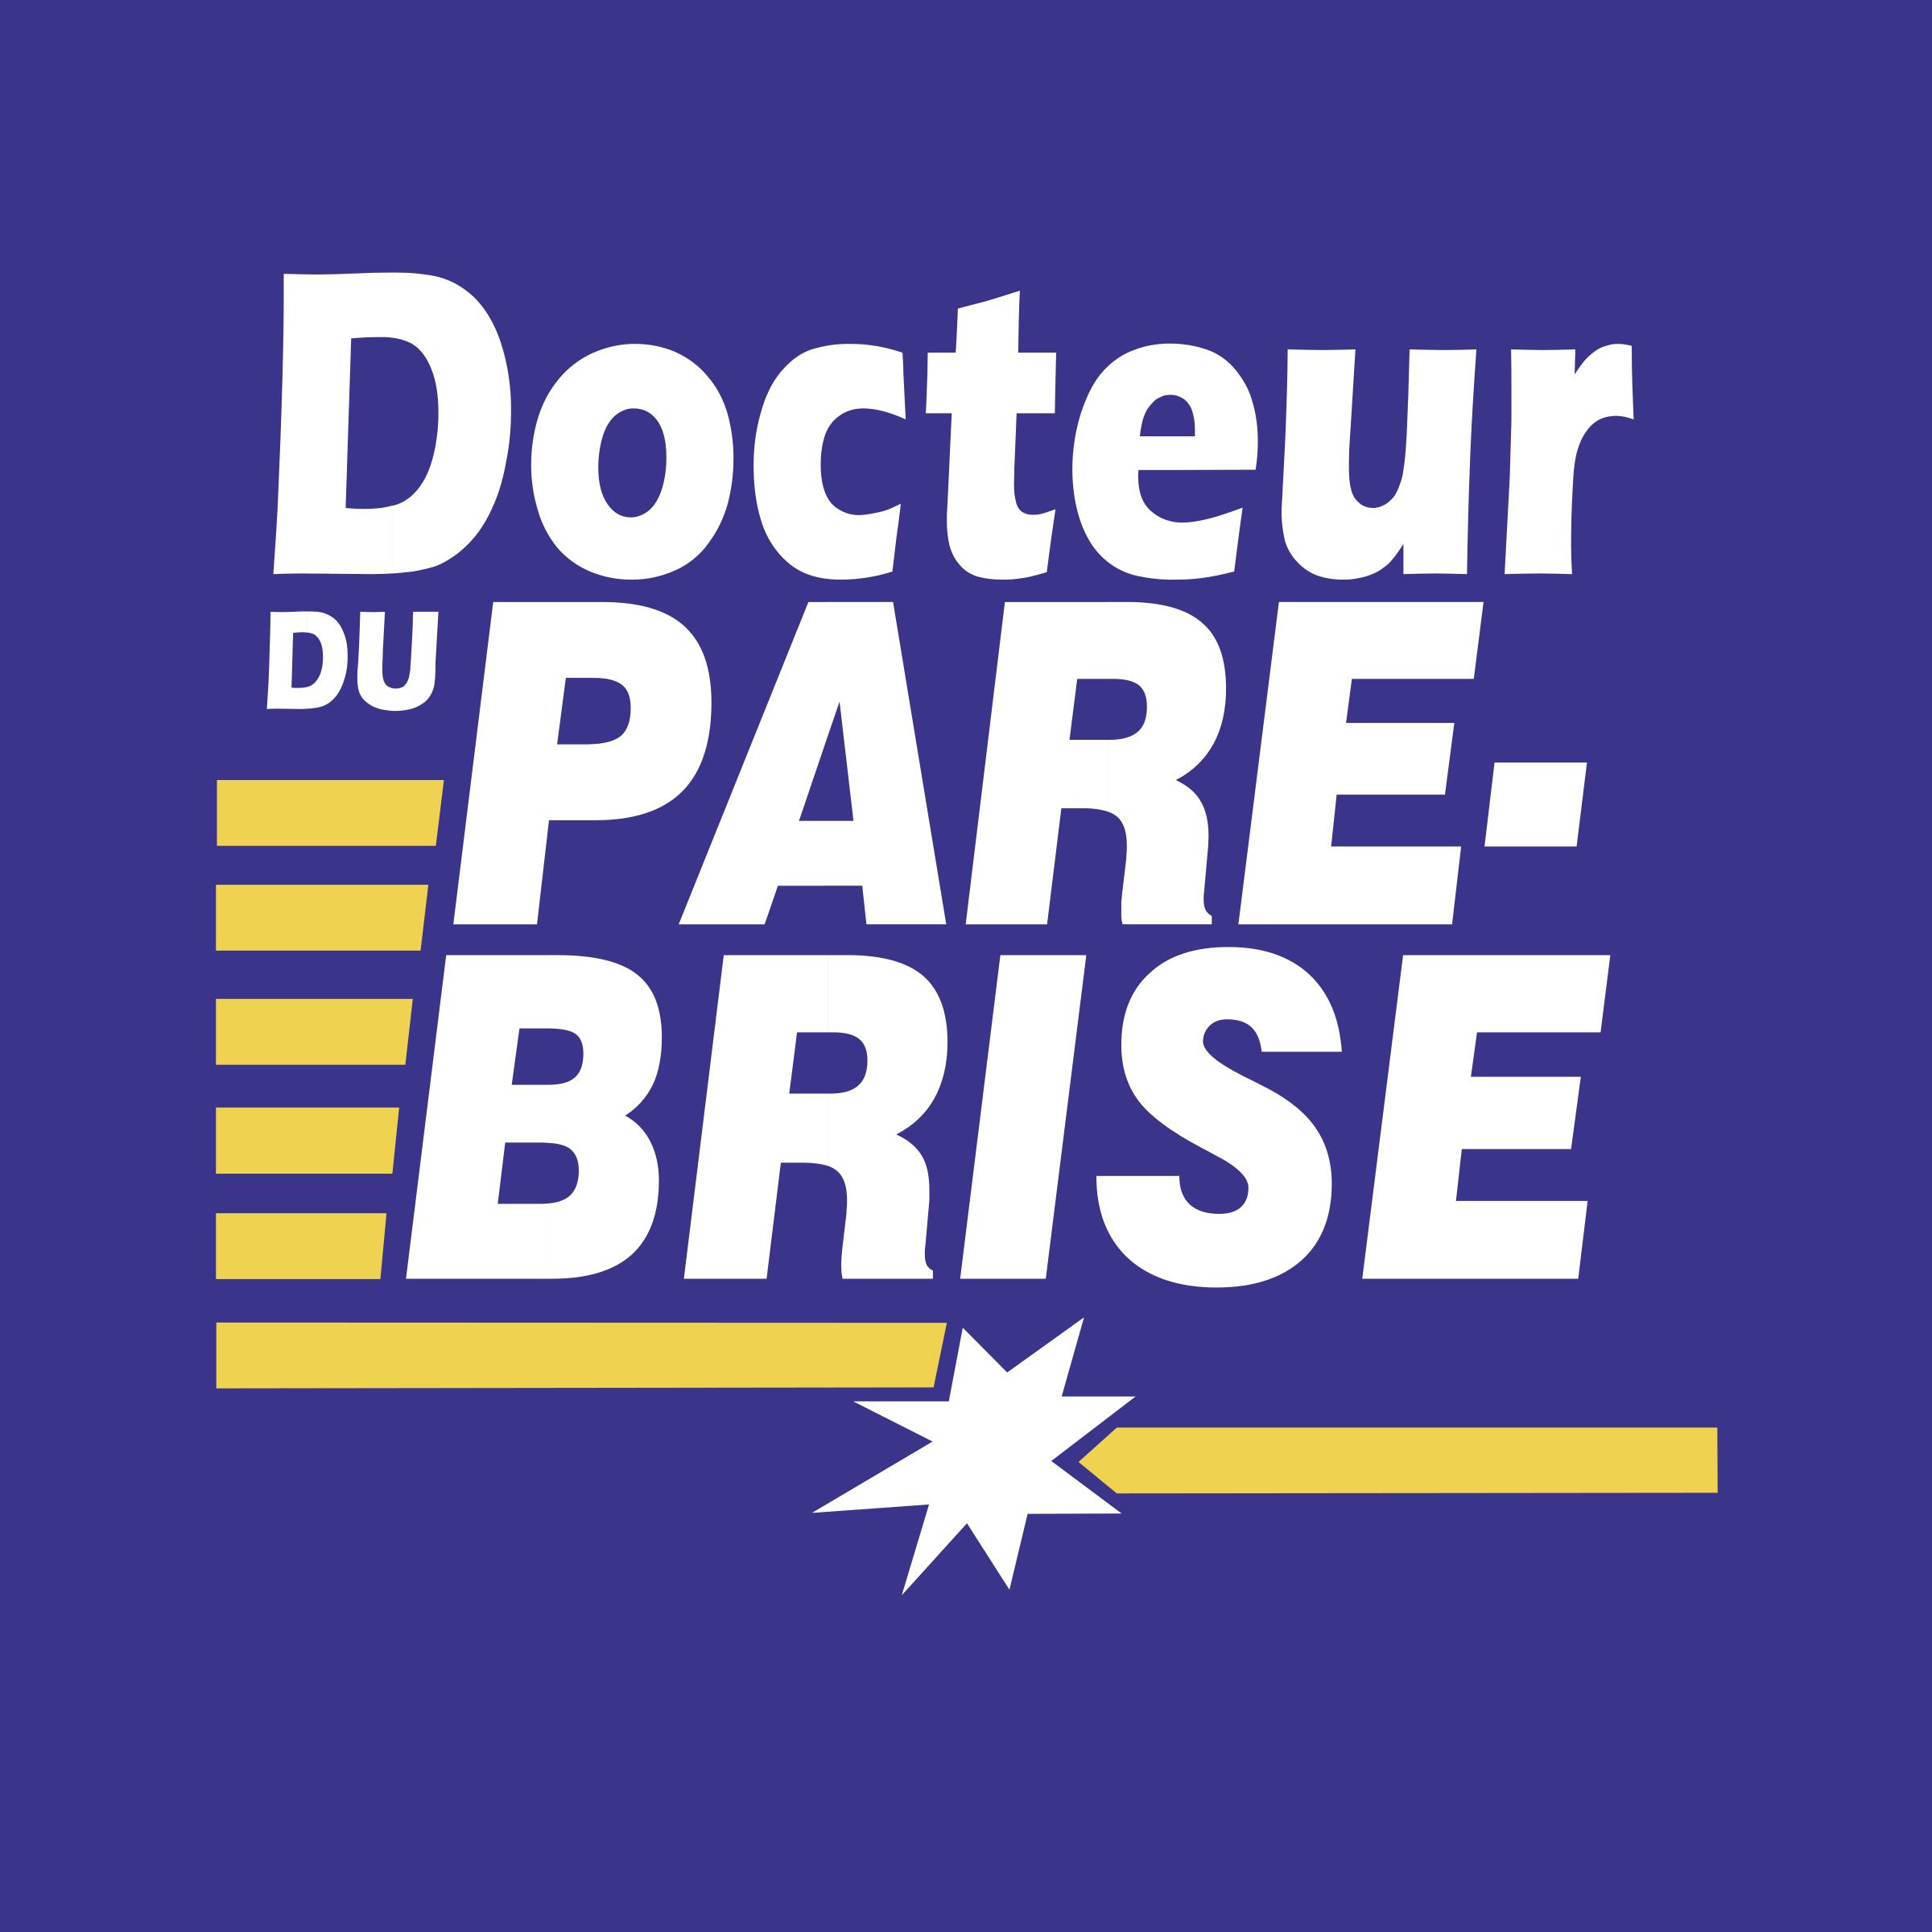 Dr Du Pare Brise >> Docteur Du Pare Brise Logo Png Transparent Svg Vector Freebie Supply